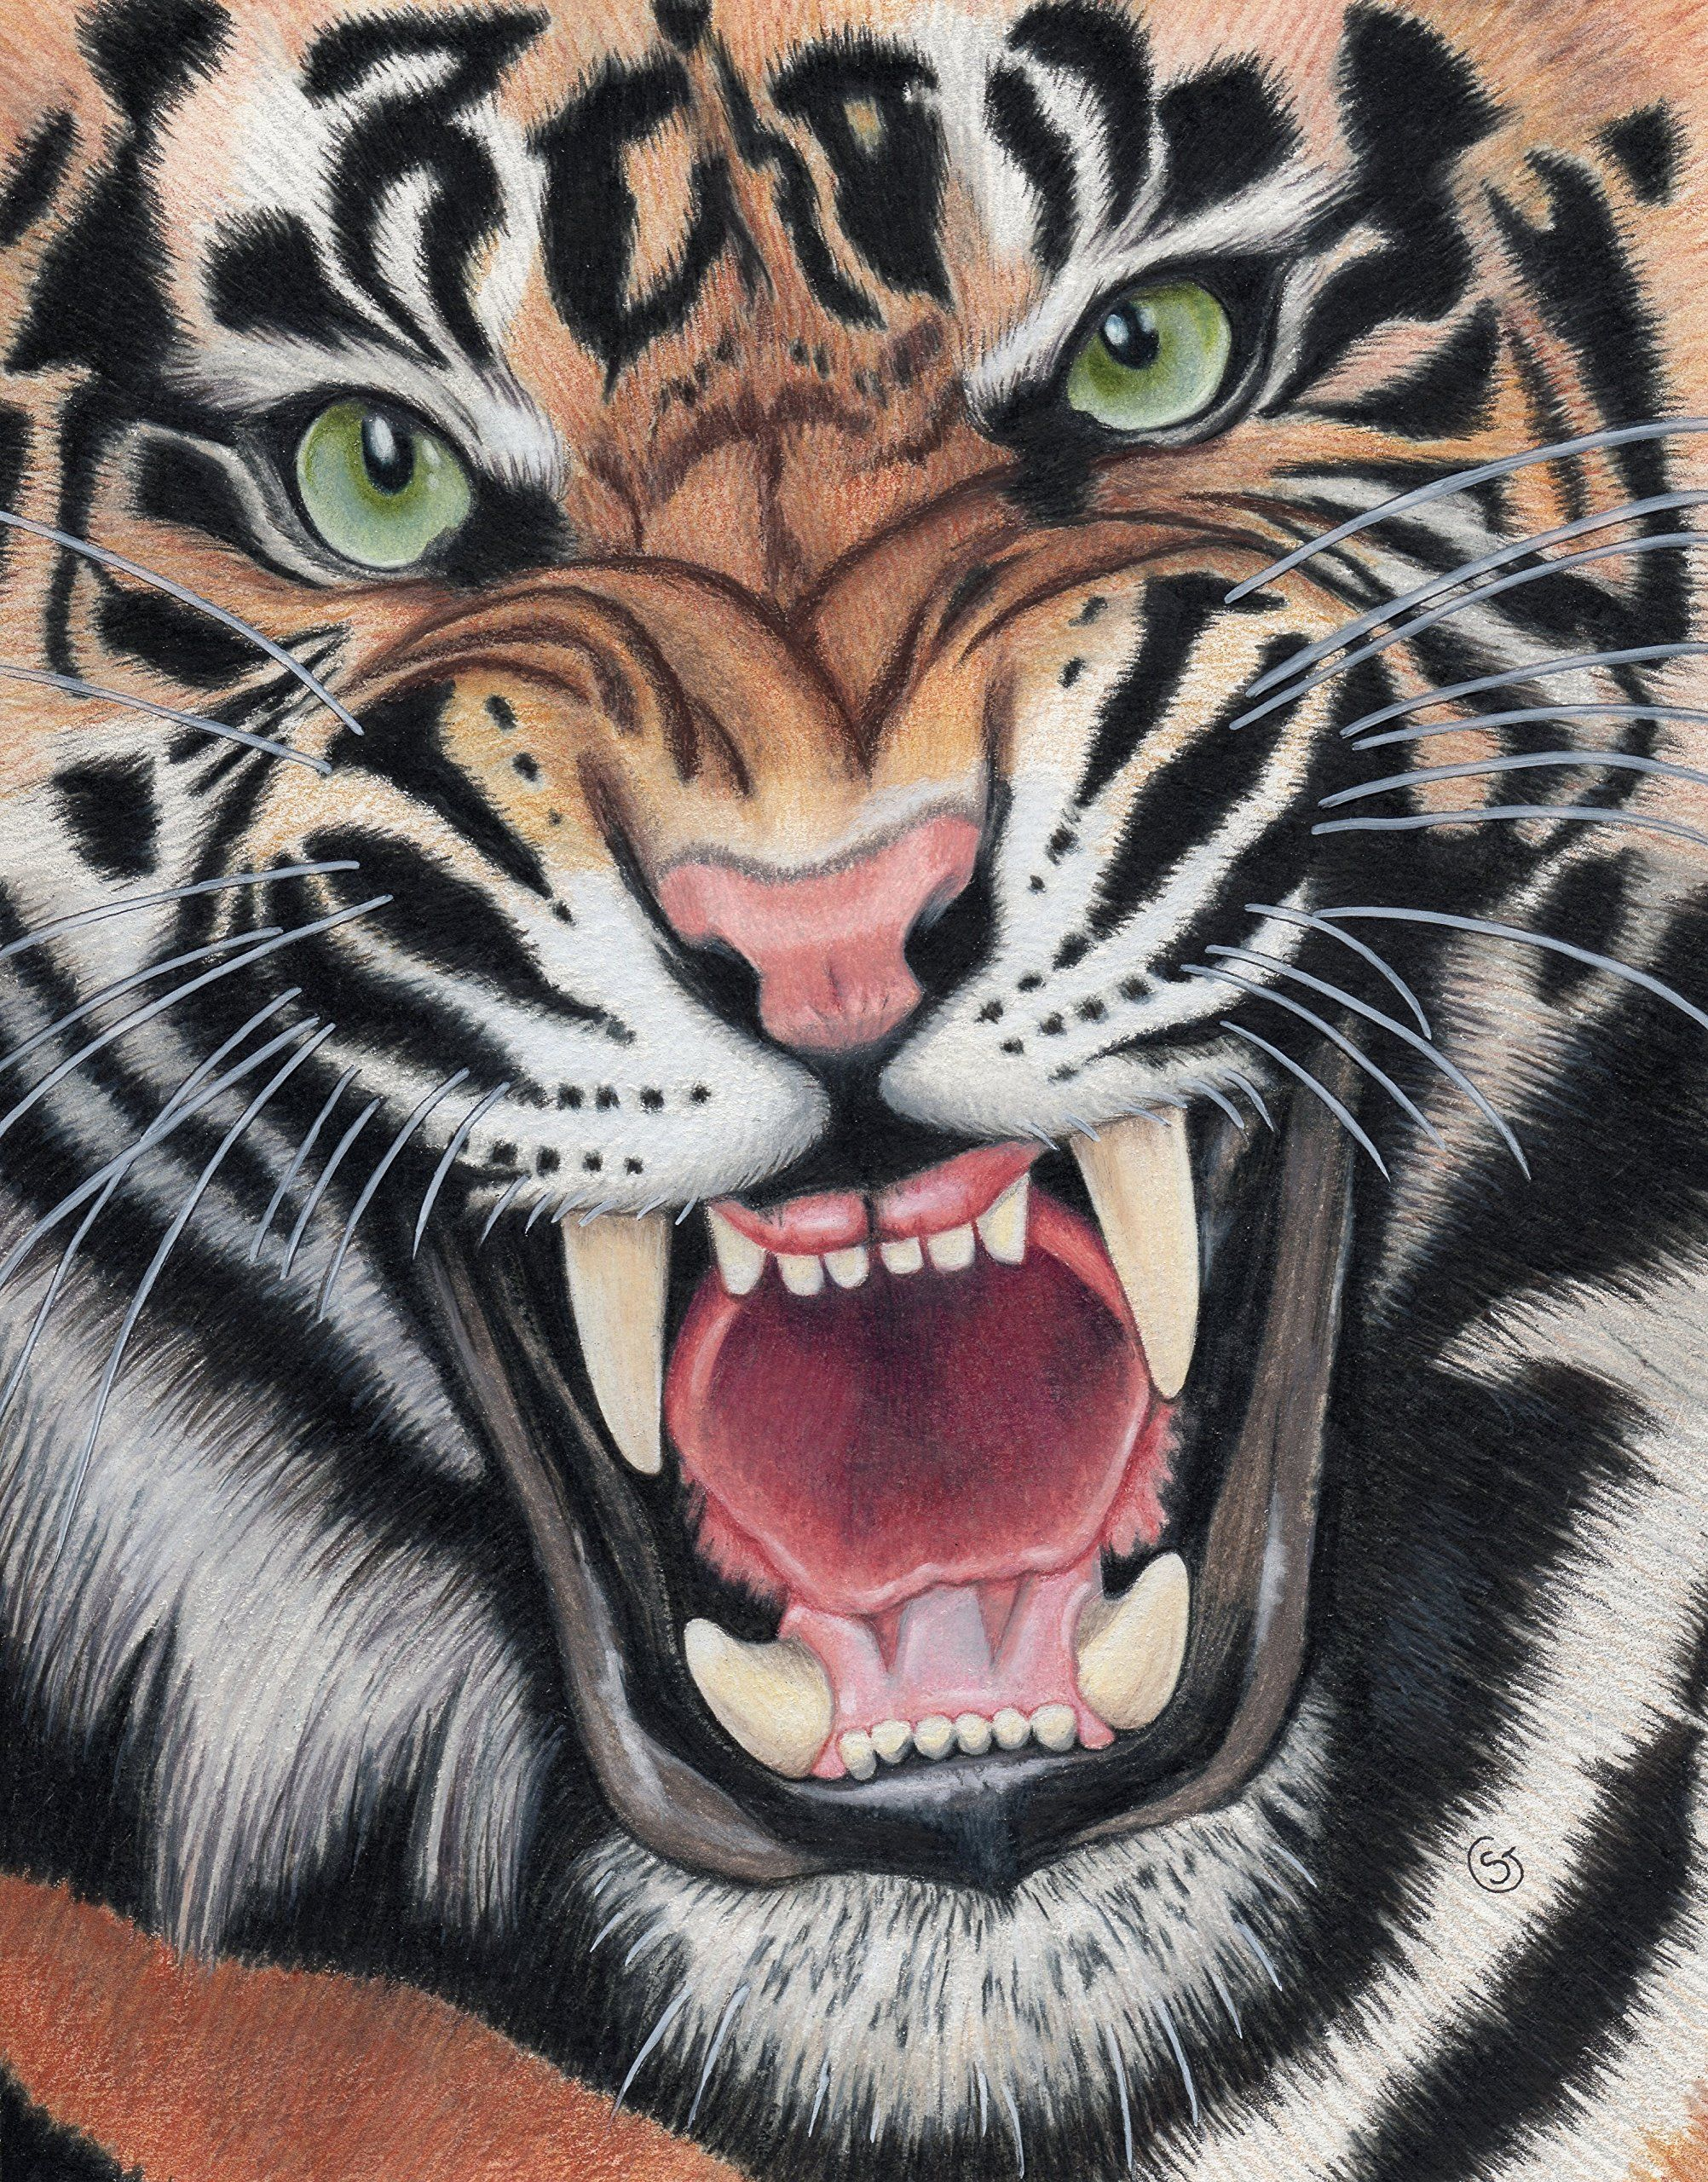 Color Tiger Face Drawing : color, tiger, drawing, Tiger, Angry, Sumatran, Snarling, Jungle, 8.5